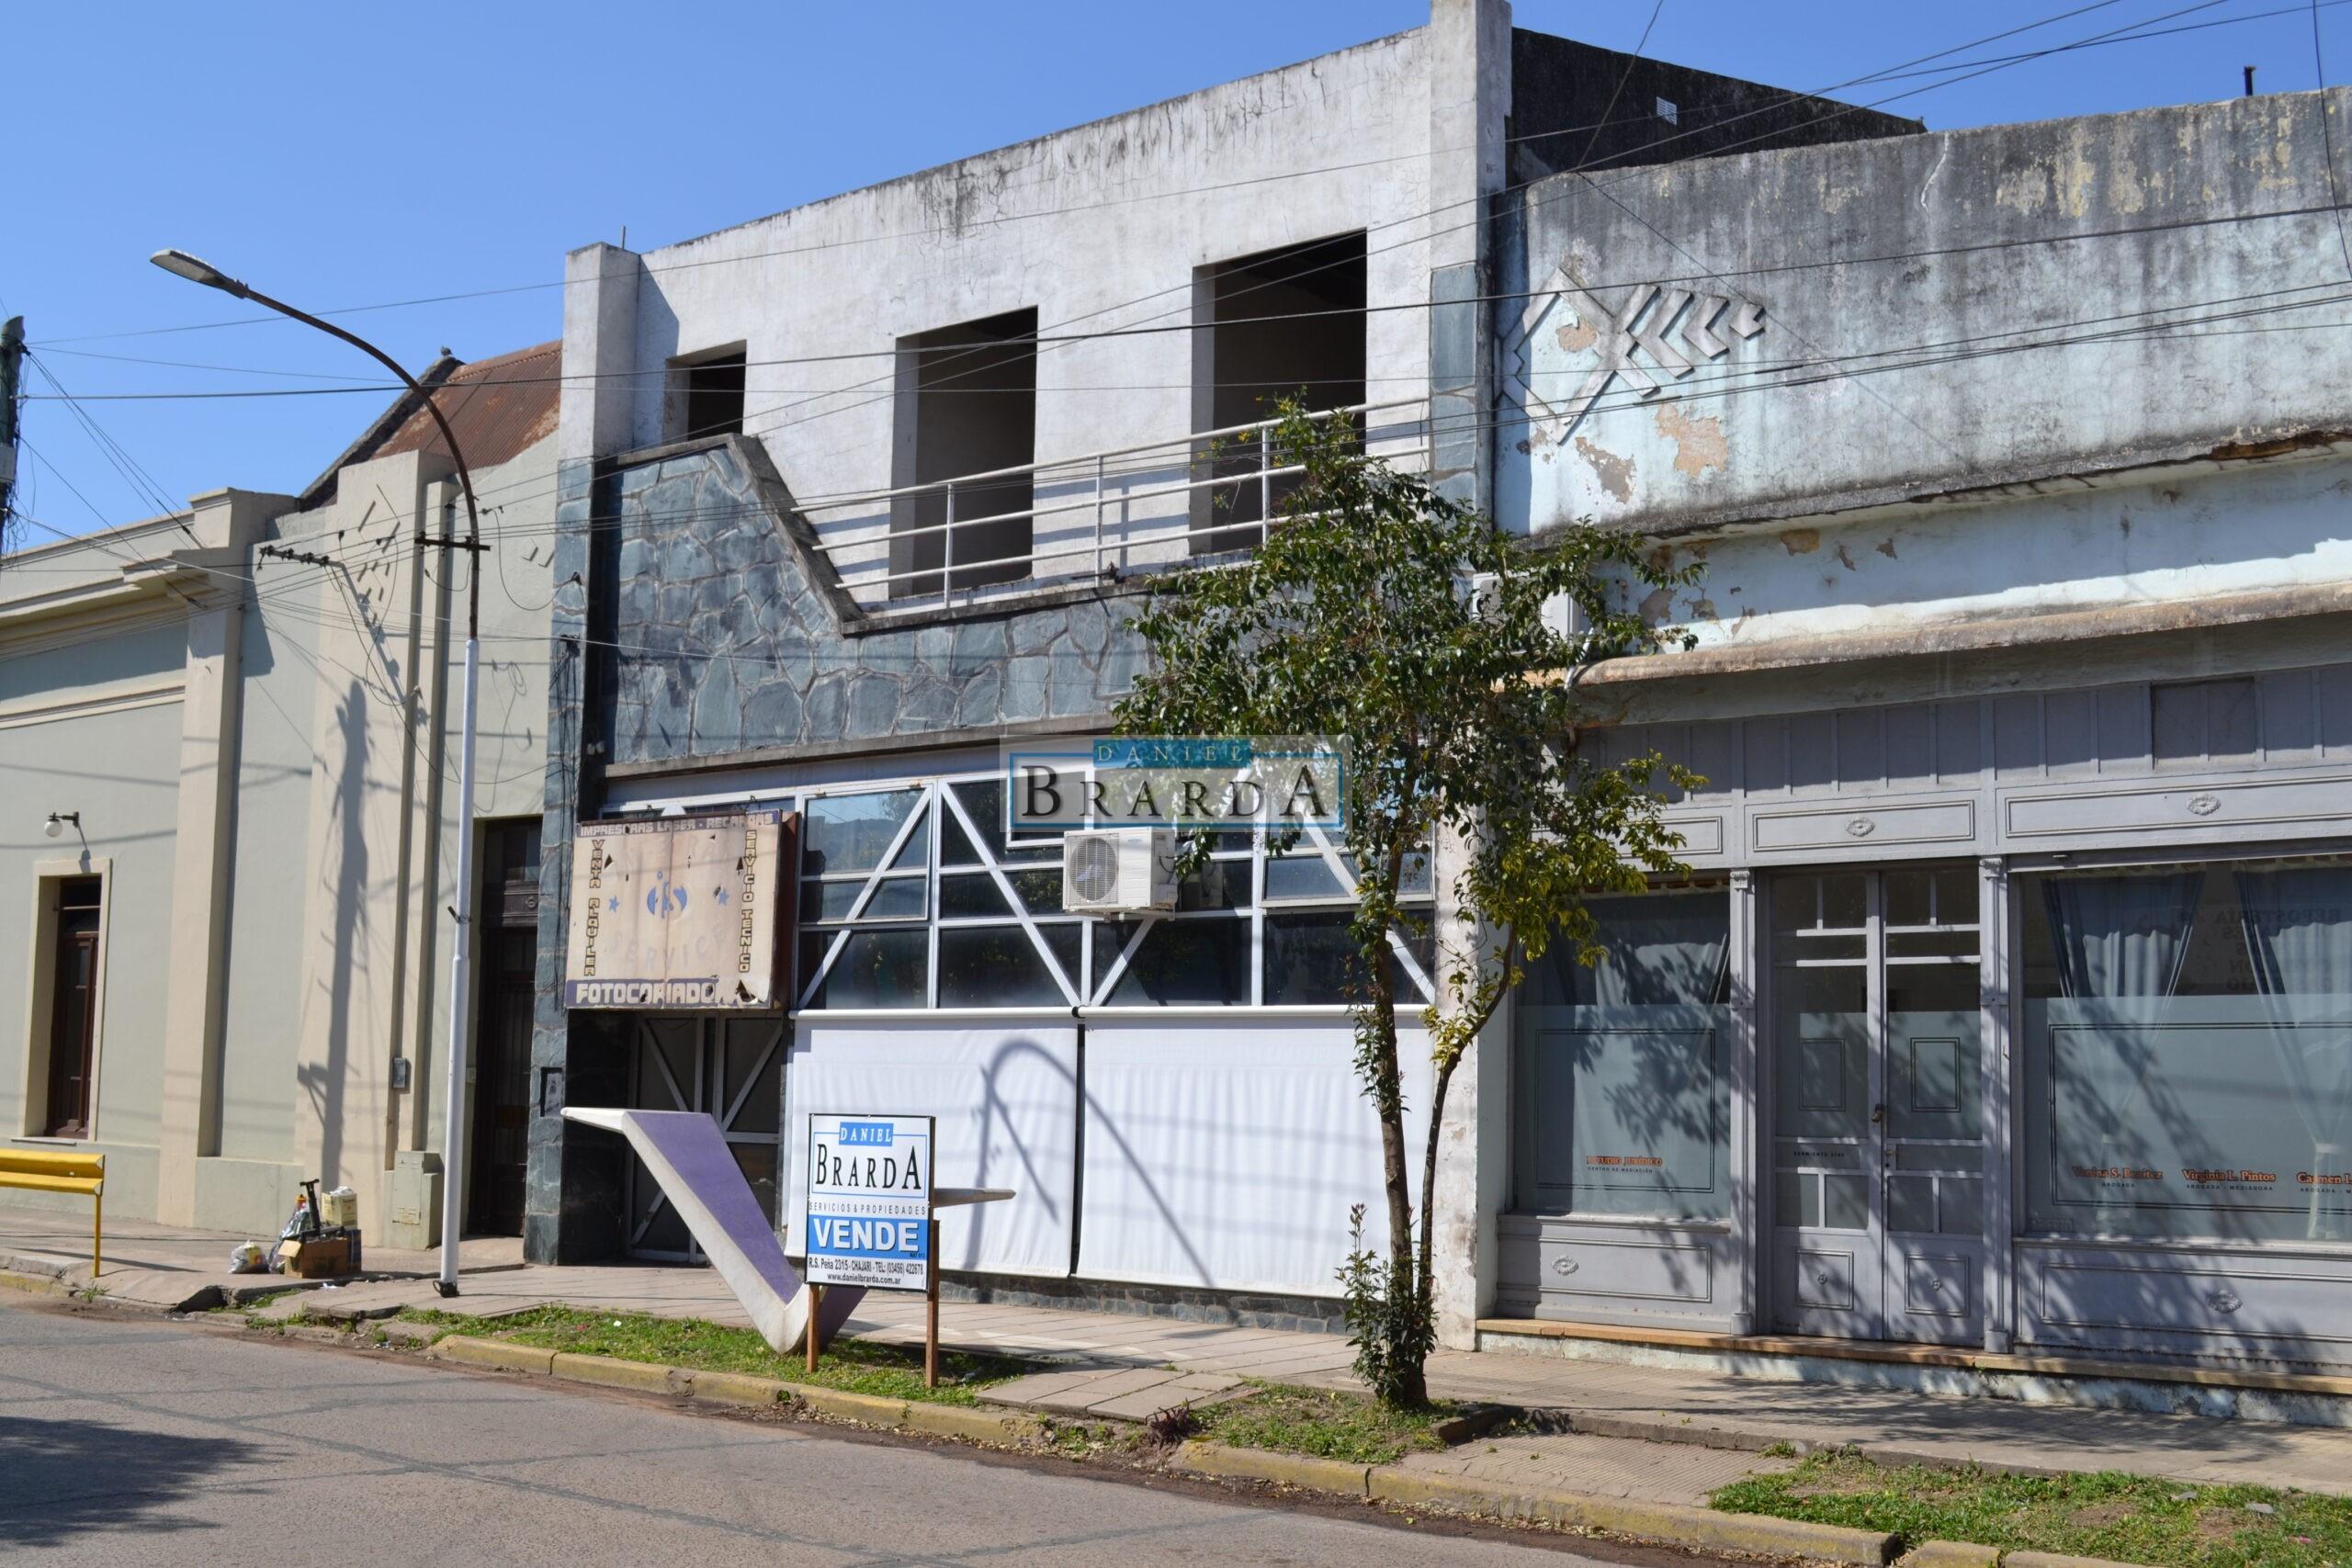 1 Local en 3 niveles y 1 Departamento en Sarmiento al 2400